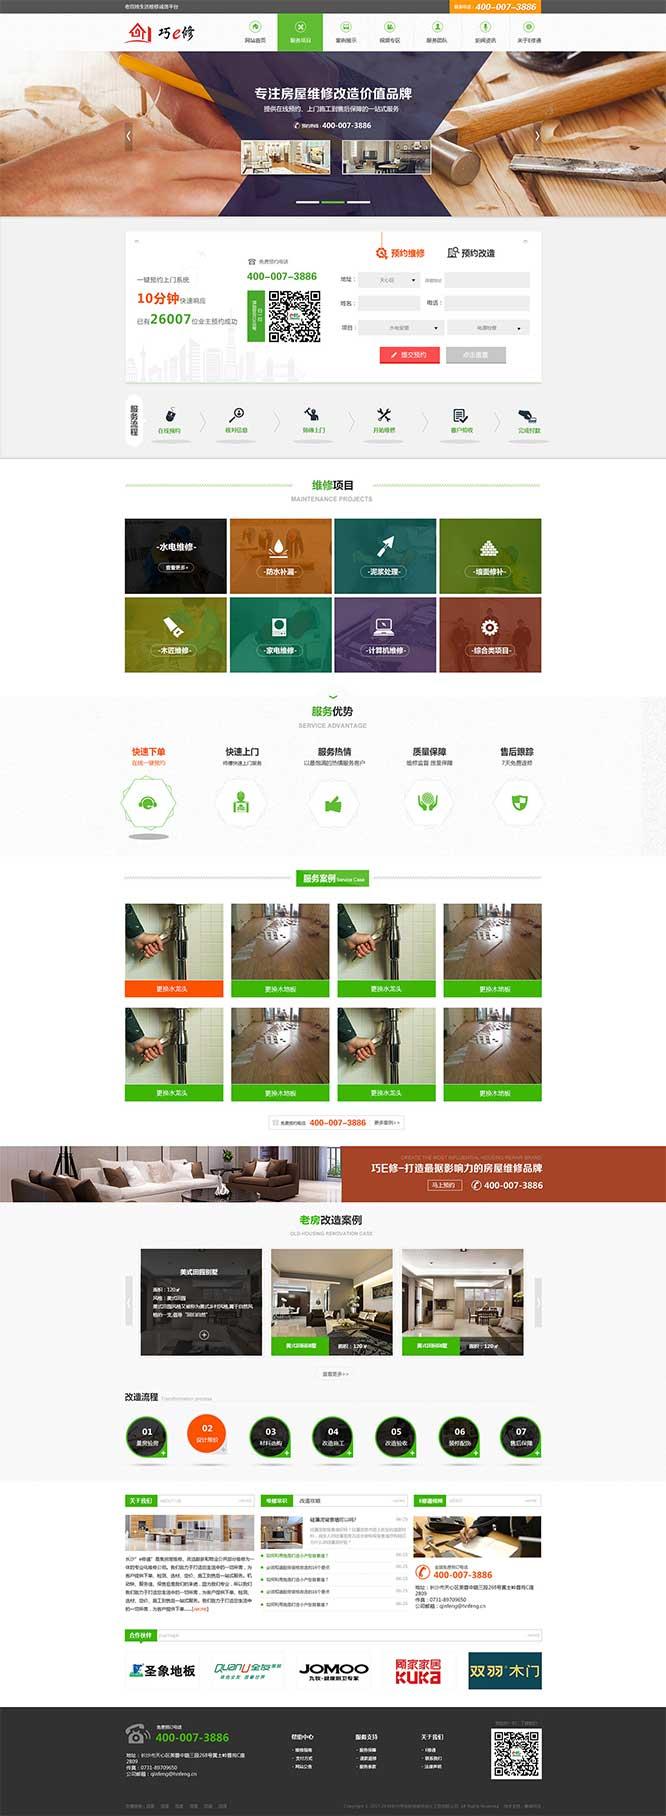 深圳民治23号网页网站制作案例